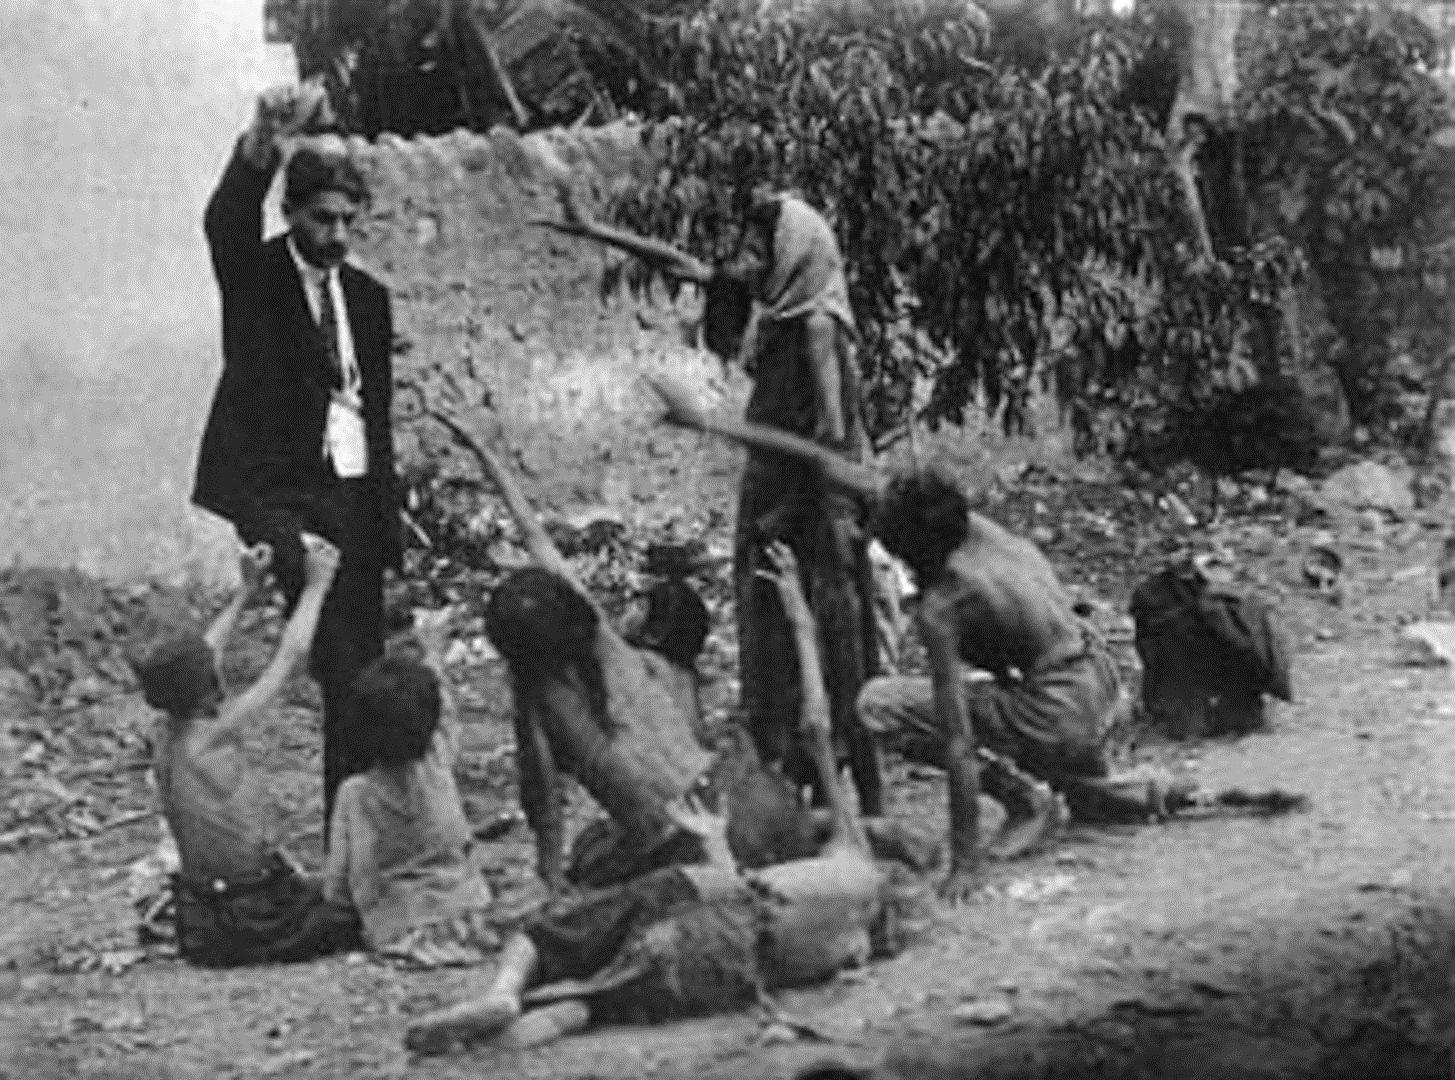 Burlas turcas oficiales mataron a niños armenios mostrando pan durante el Genocidio armenio, 1915